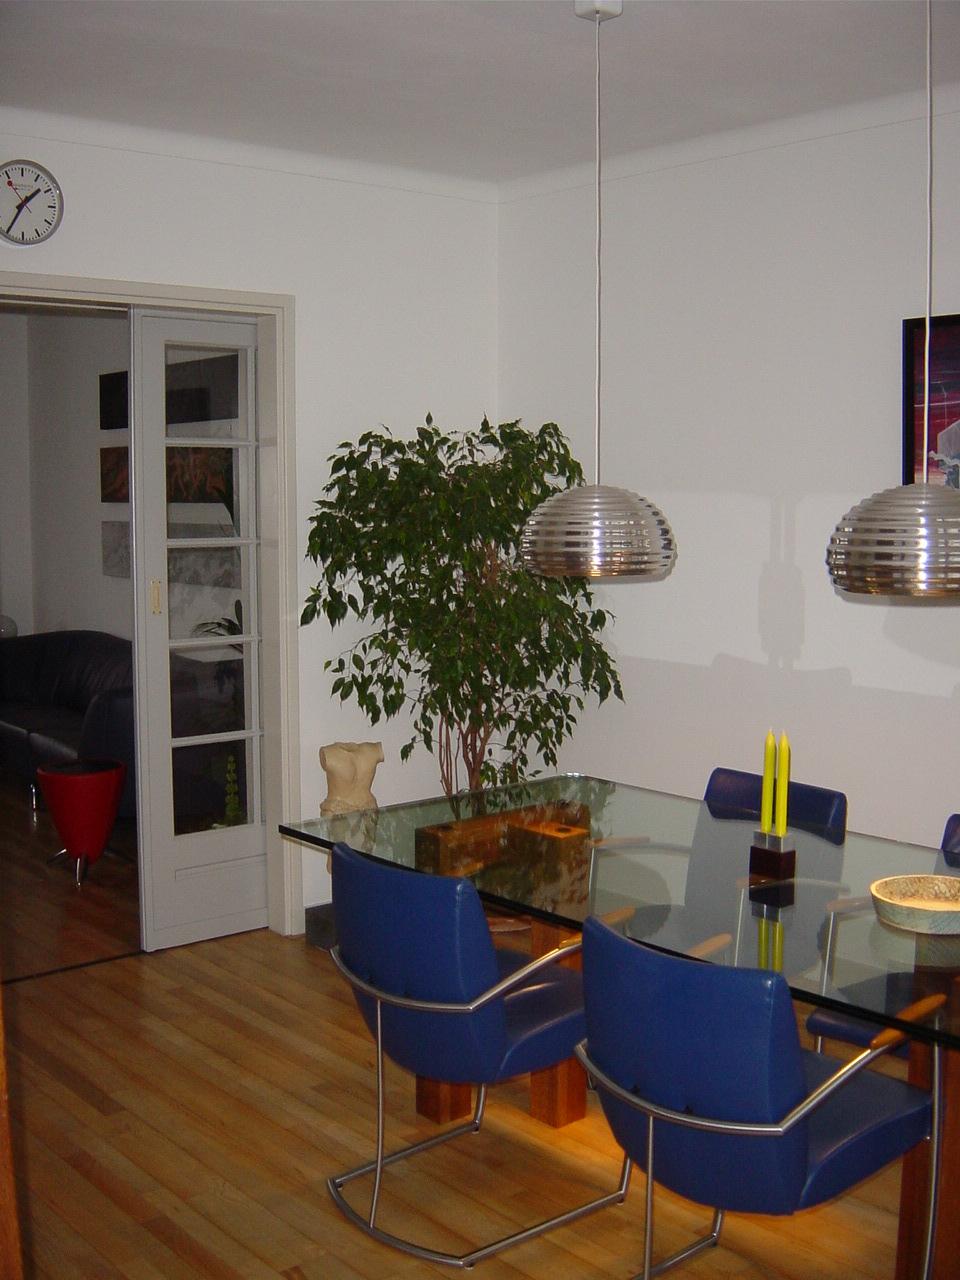 Poten voor een glazen tafelblad - zijkant 2 - BEELEN CS architecten Eindhoven